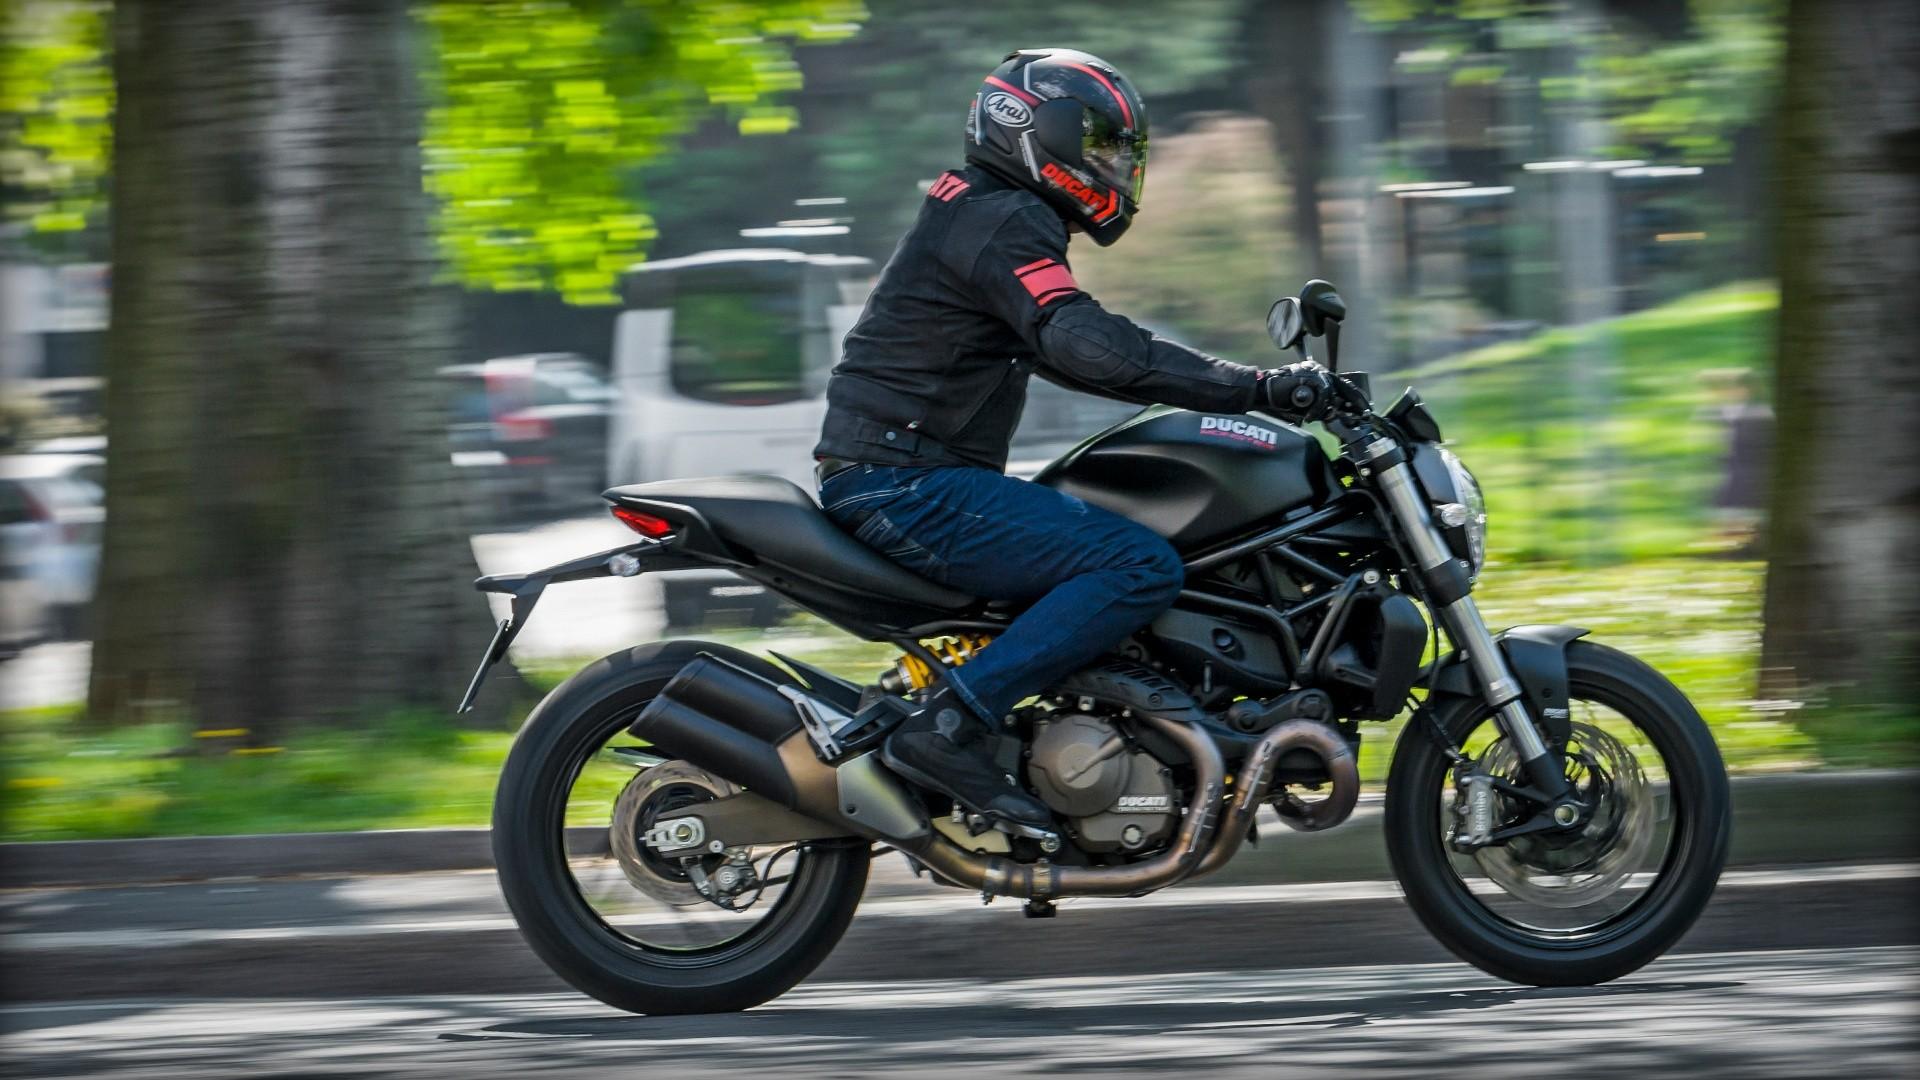 Ducati Monster Dark on Four Stroke Engine